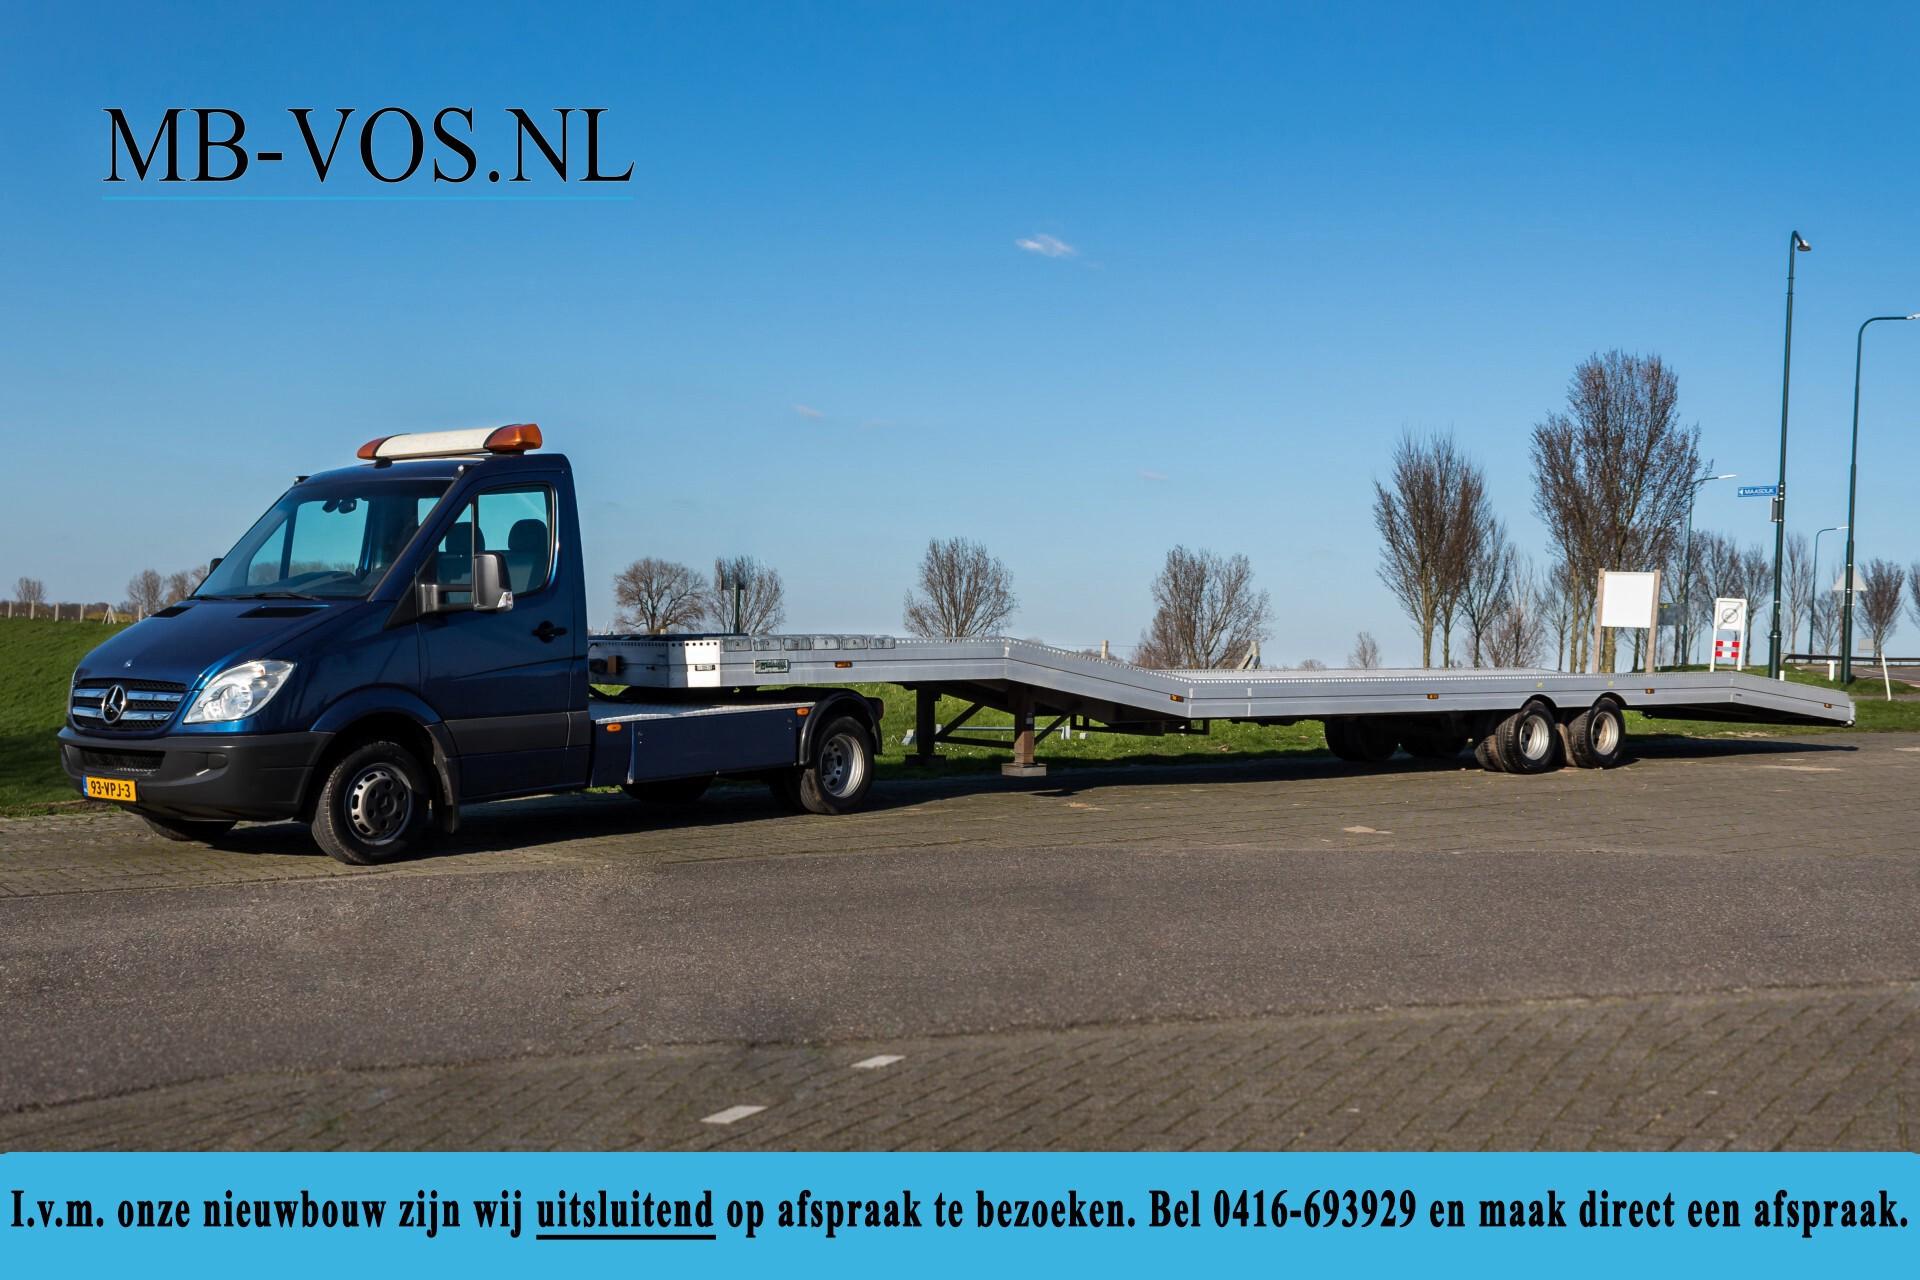 Mercedes-Benz Sprinter 518 3.0 Cdi V6 Oprijwagen / Auto ambulance 7360 kg Foto 1